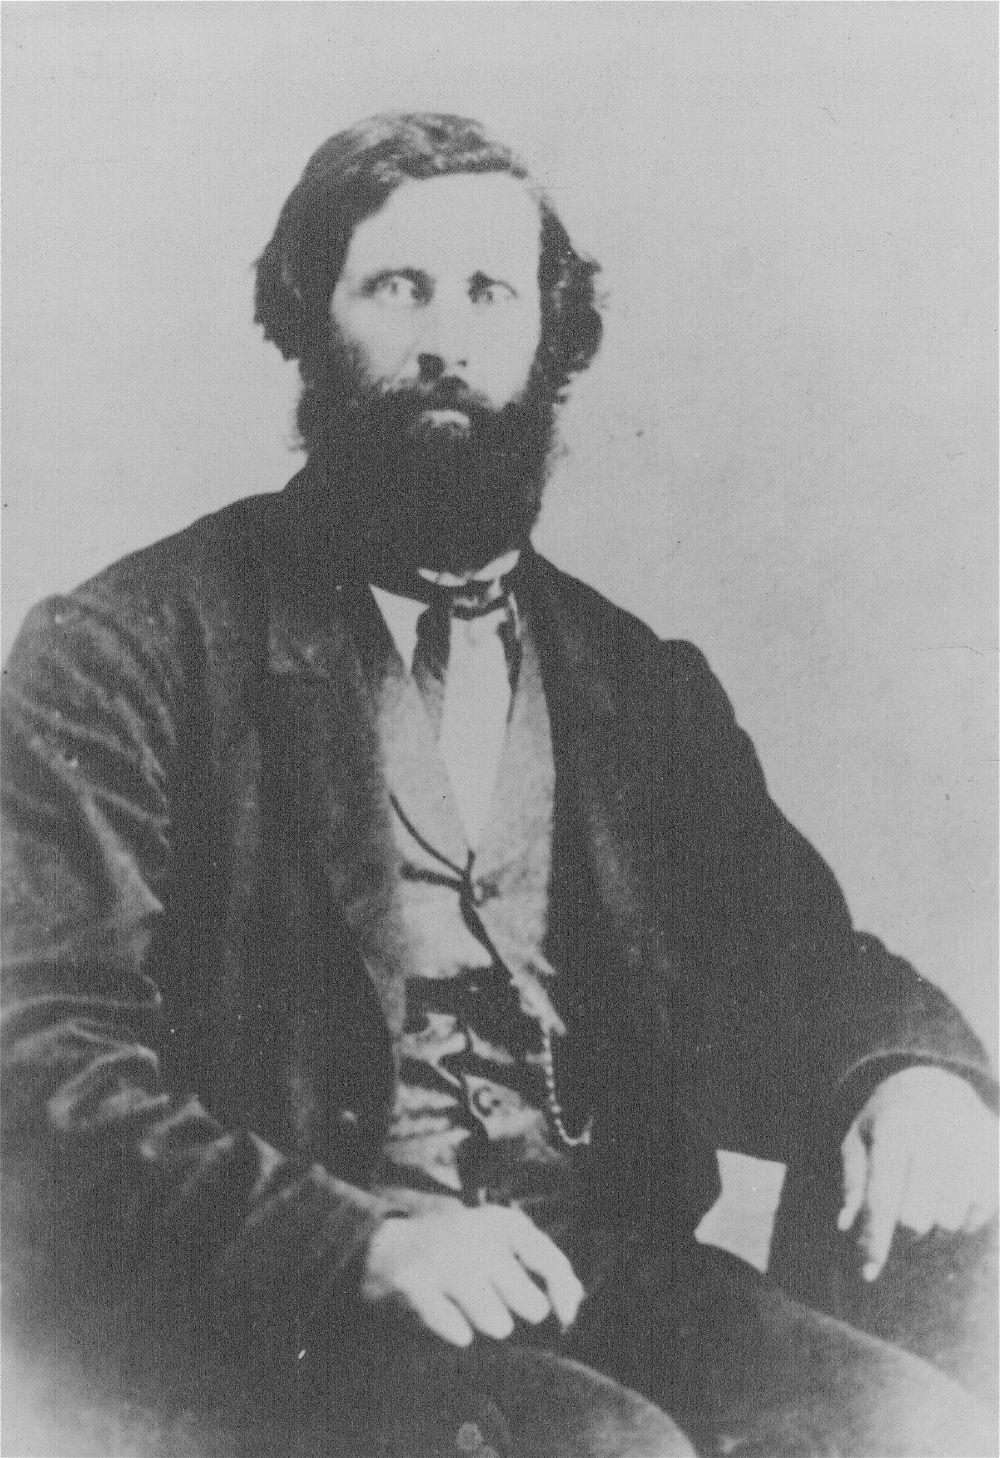 Dr. Brewster Higley